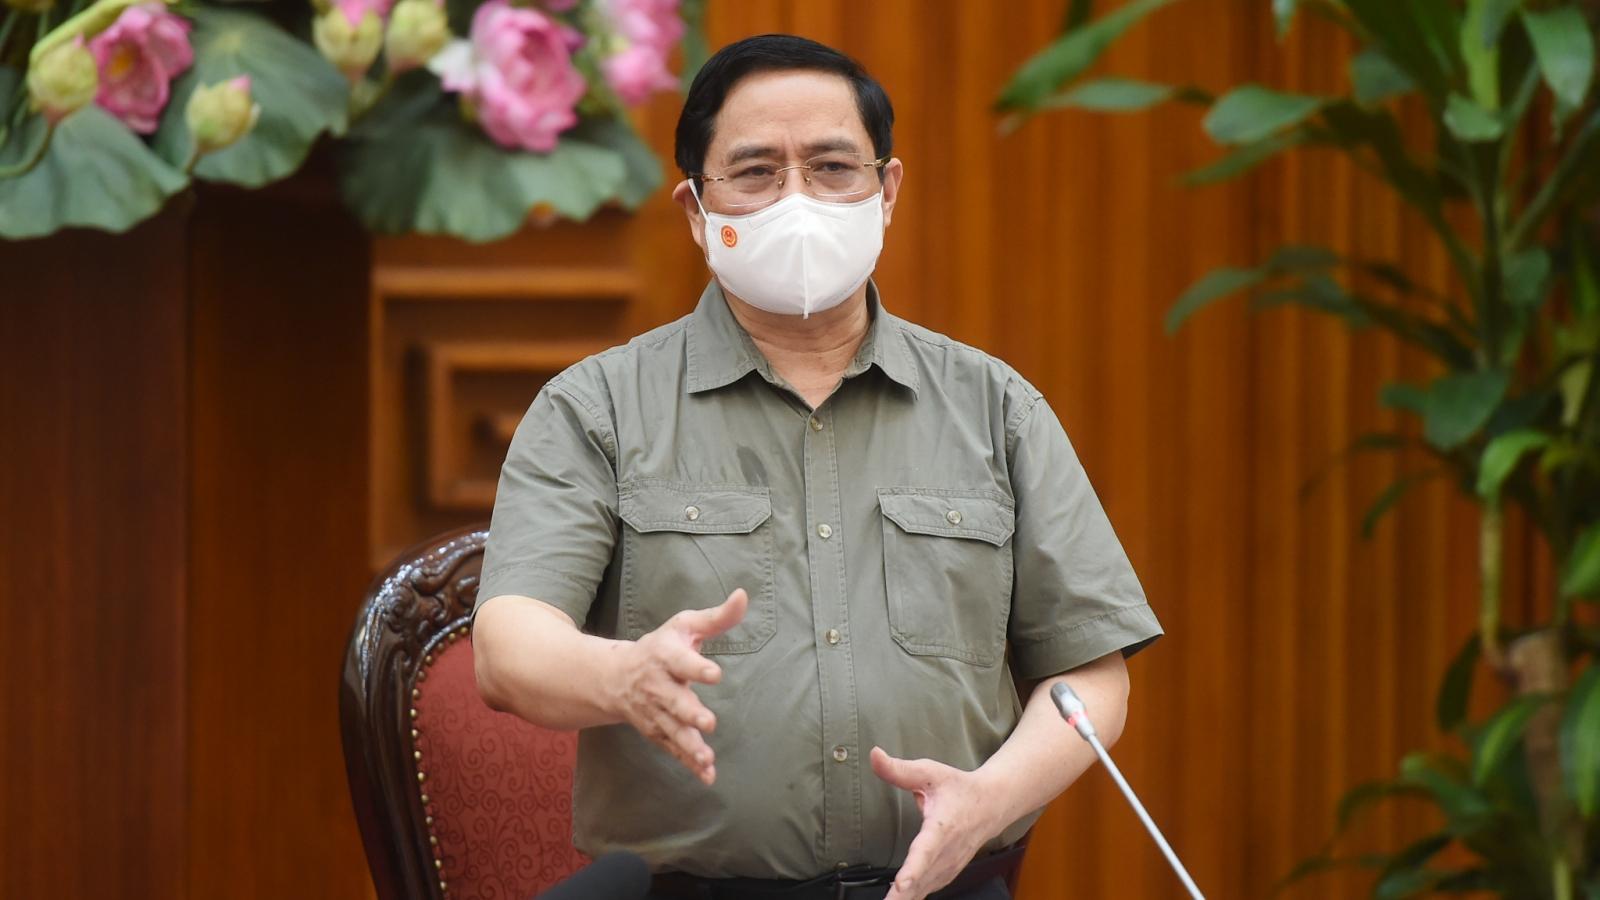 Thủ tướng Phạm Minh Chính nhắc nhở nghiêm khắc các địa phương chưa làm tốt phòng dịch